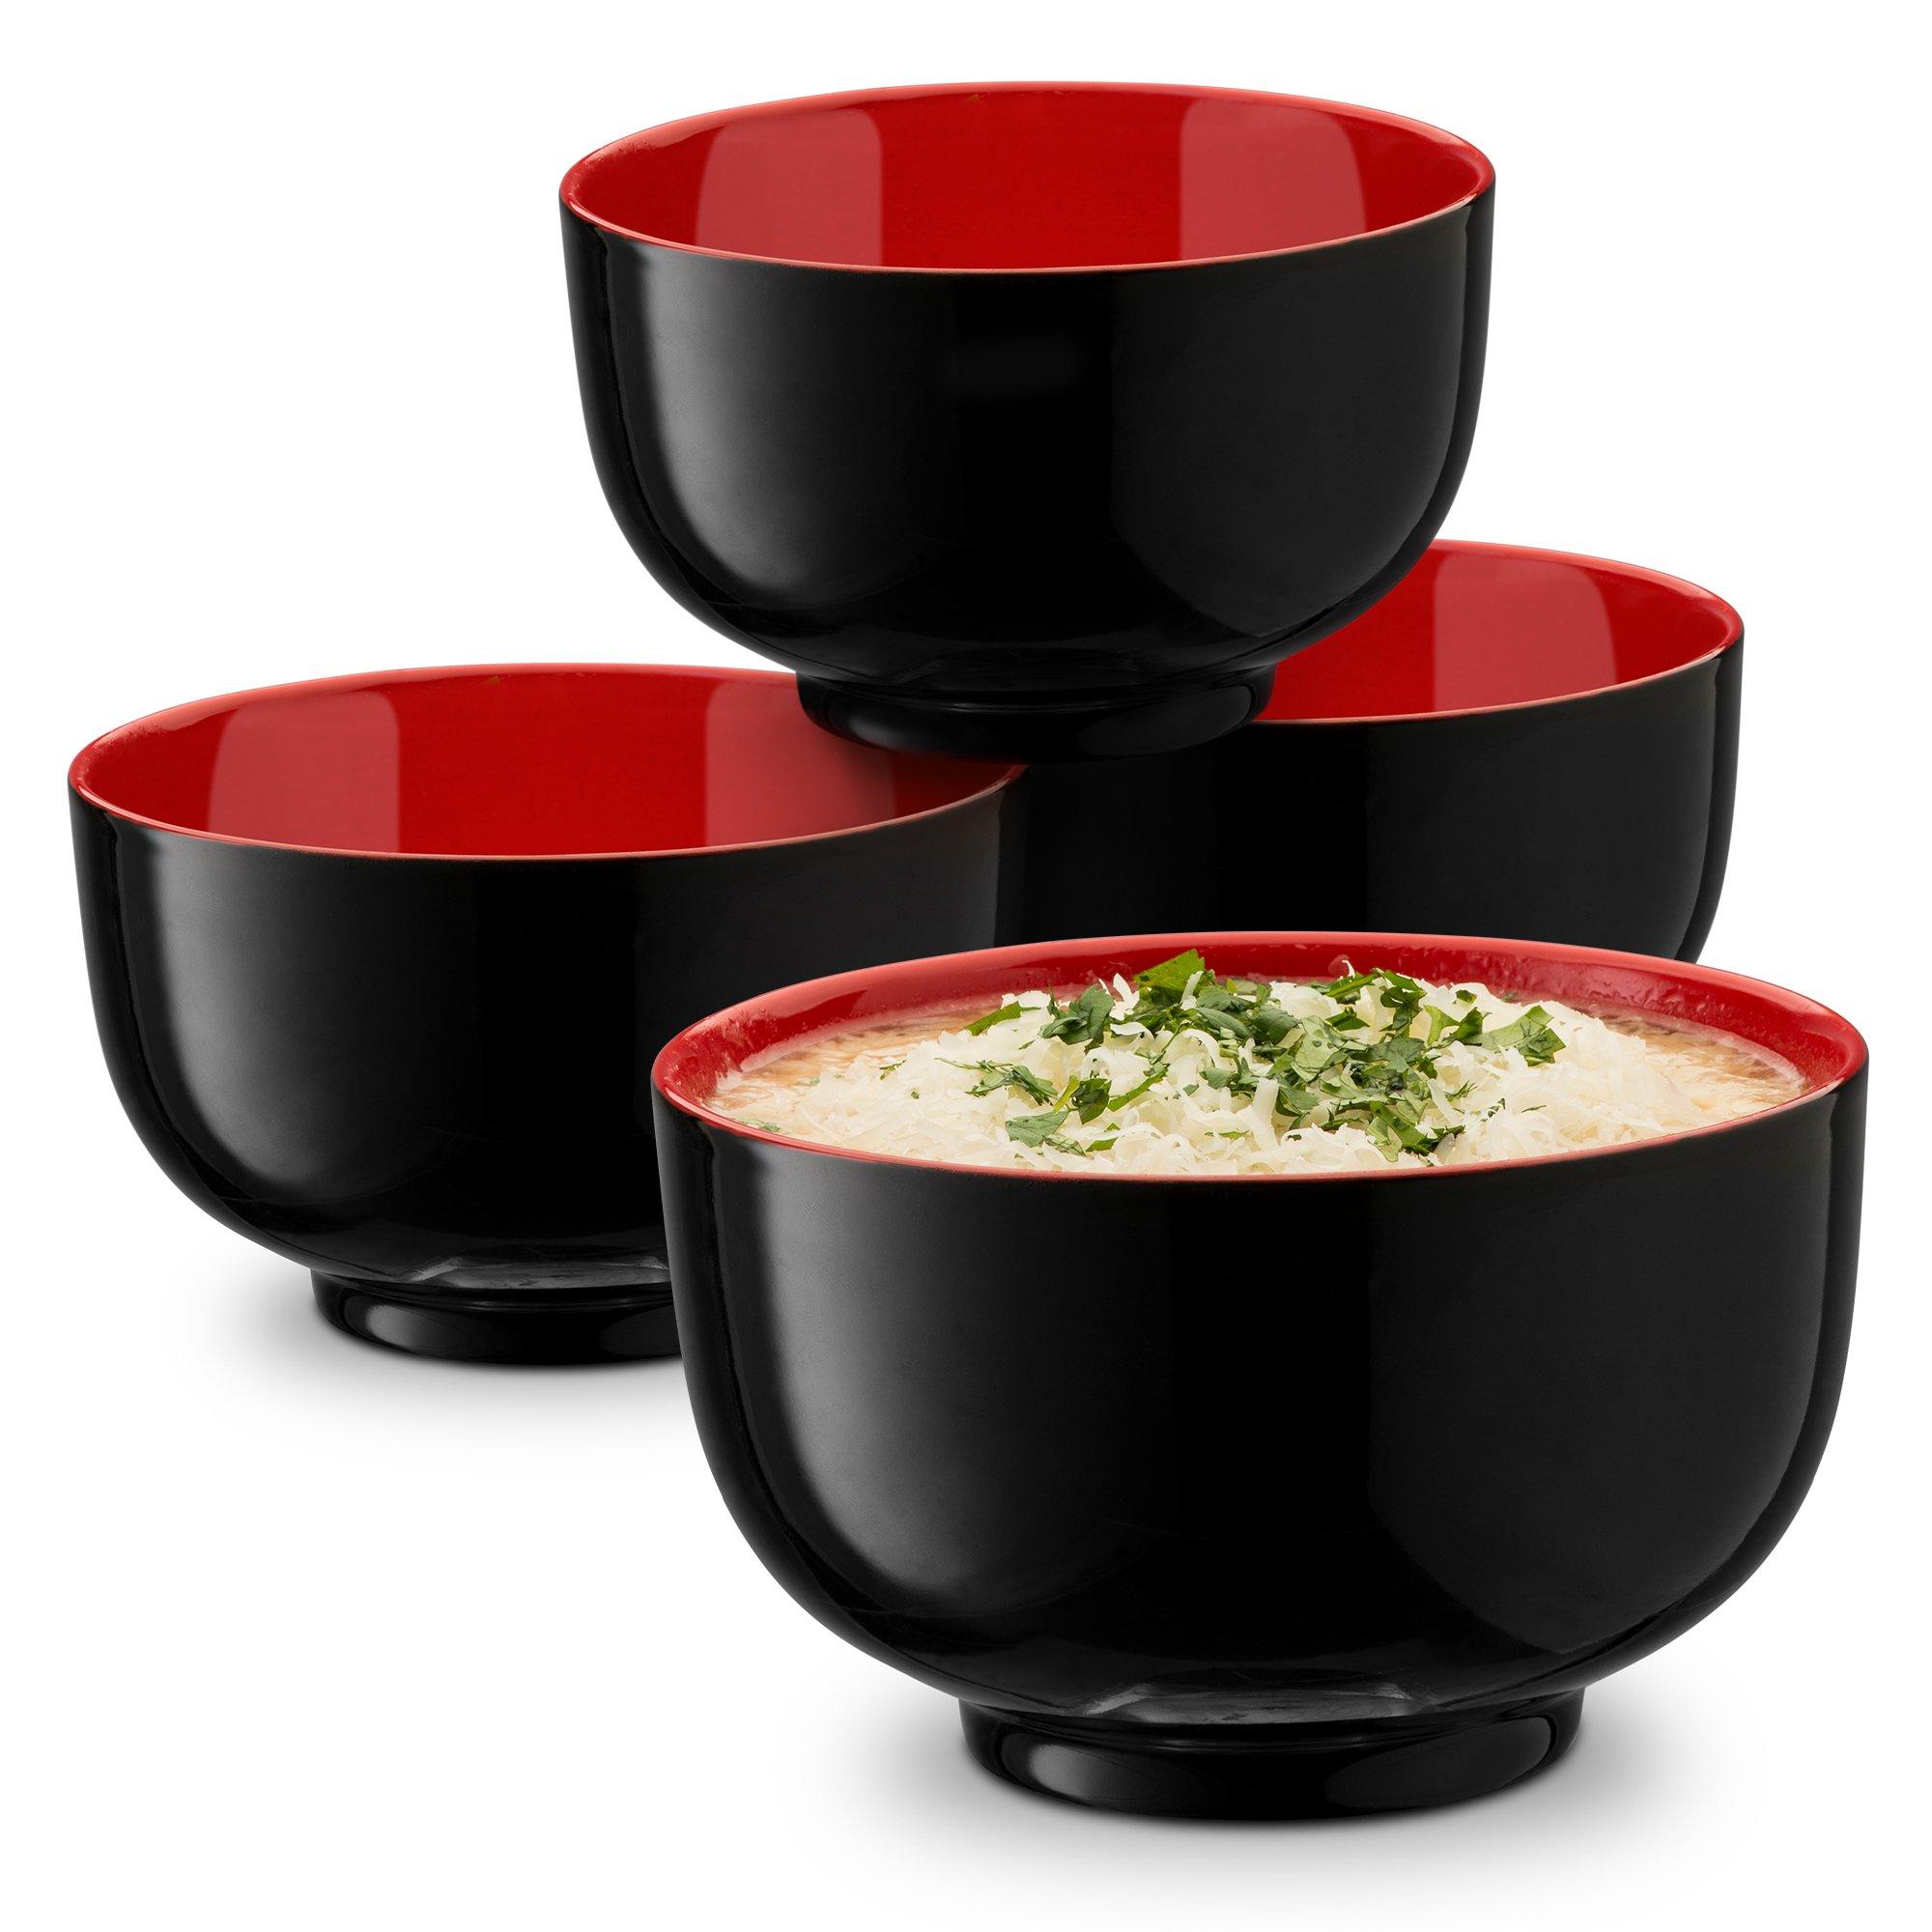 KooK Japanese Ceramic Noodle Bowl, Deep Interior, Black and Red, 38oz, Set of 4